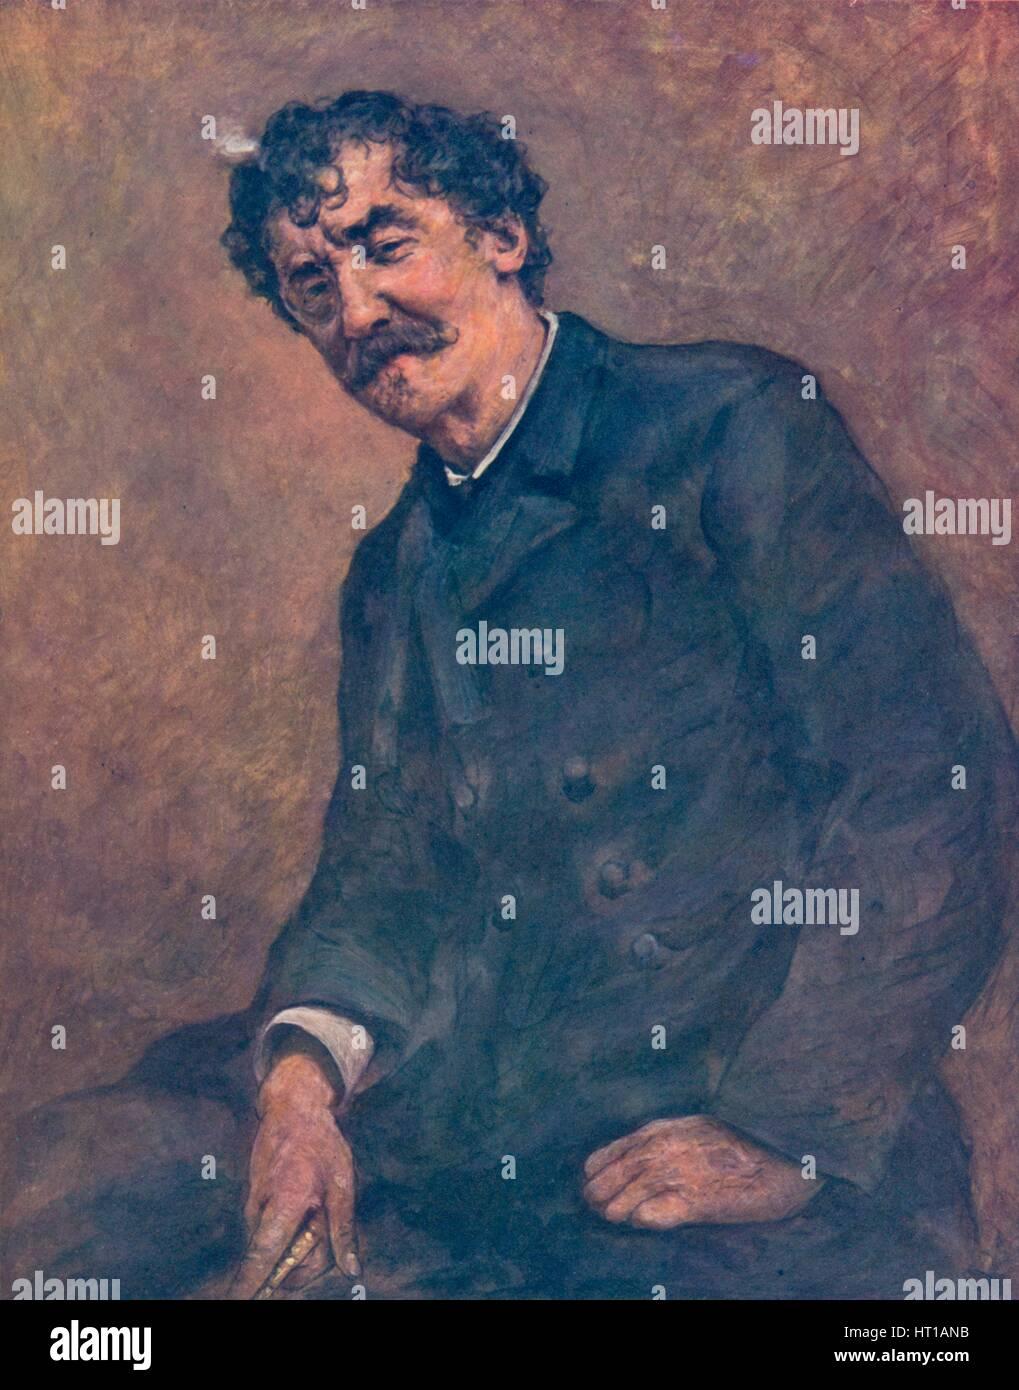 'James McNeill Whistler', c1885, (1904). Artist: Mortimer L Menpes. - Stock Image